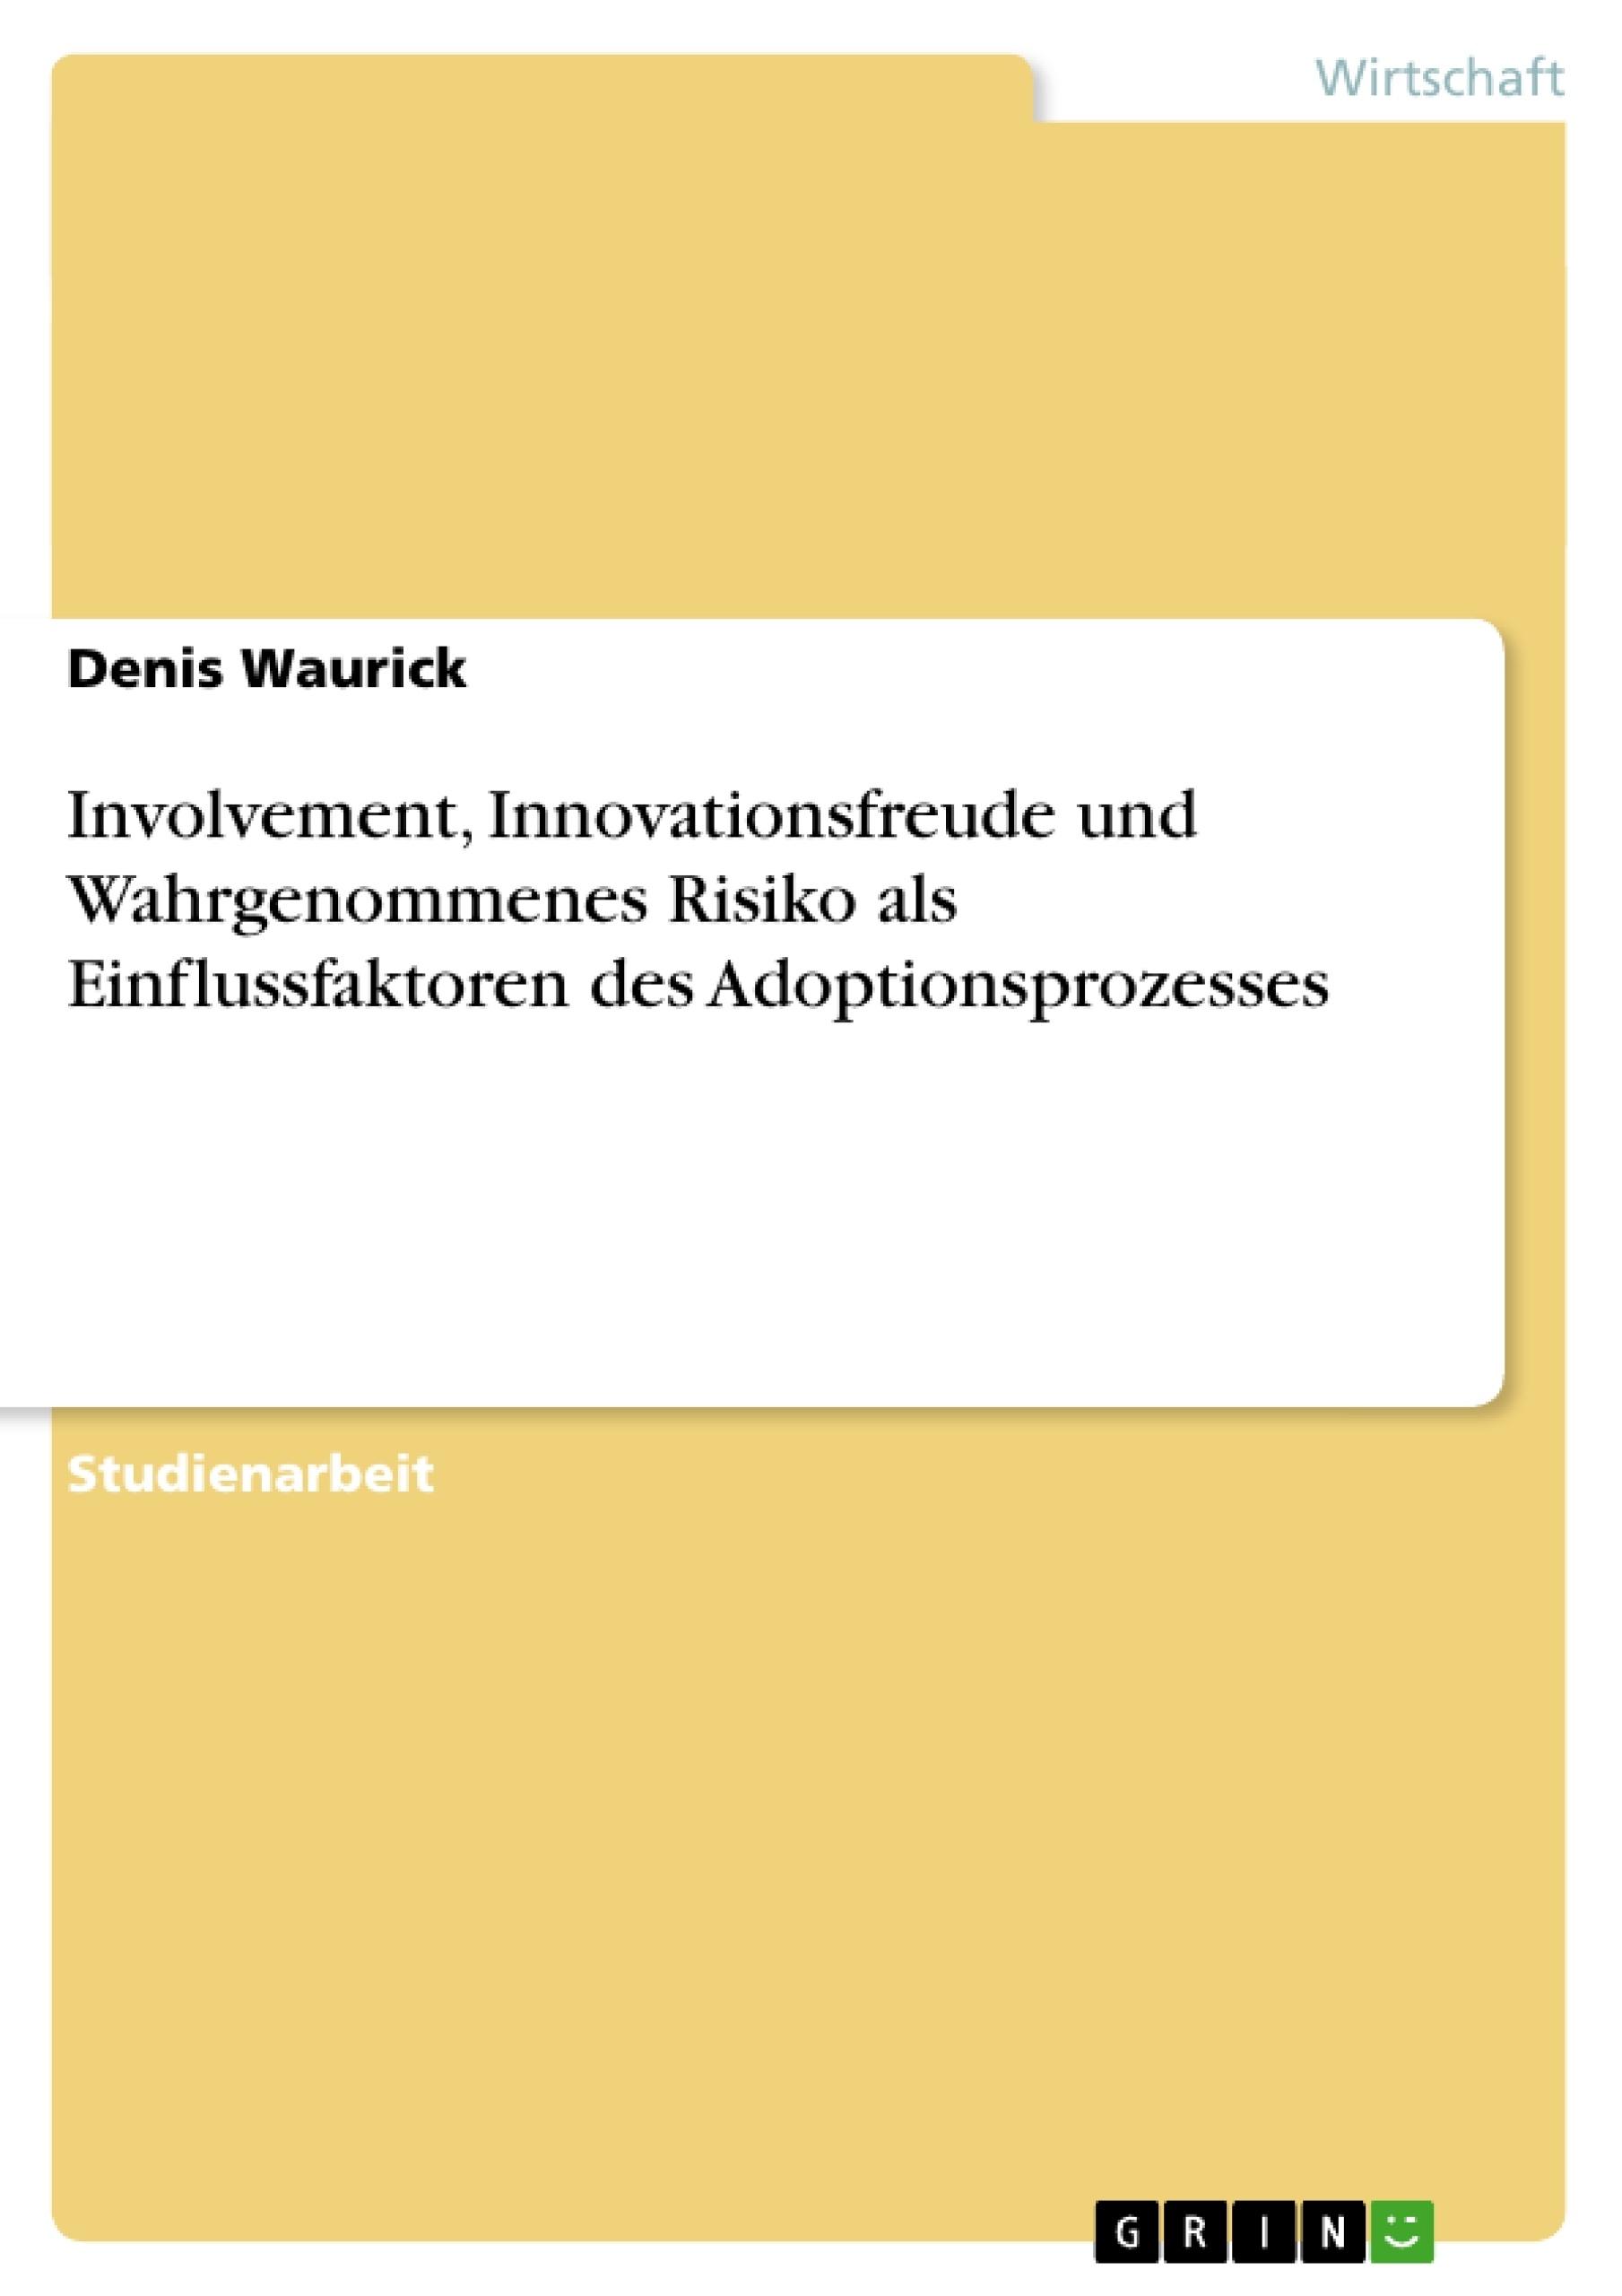 Titel: Involvement, Innovationsfreude und Wahrgenommenes Risiko als Einflussfaktoren des Adoptionsprozesses